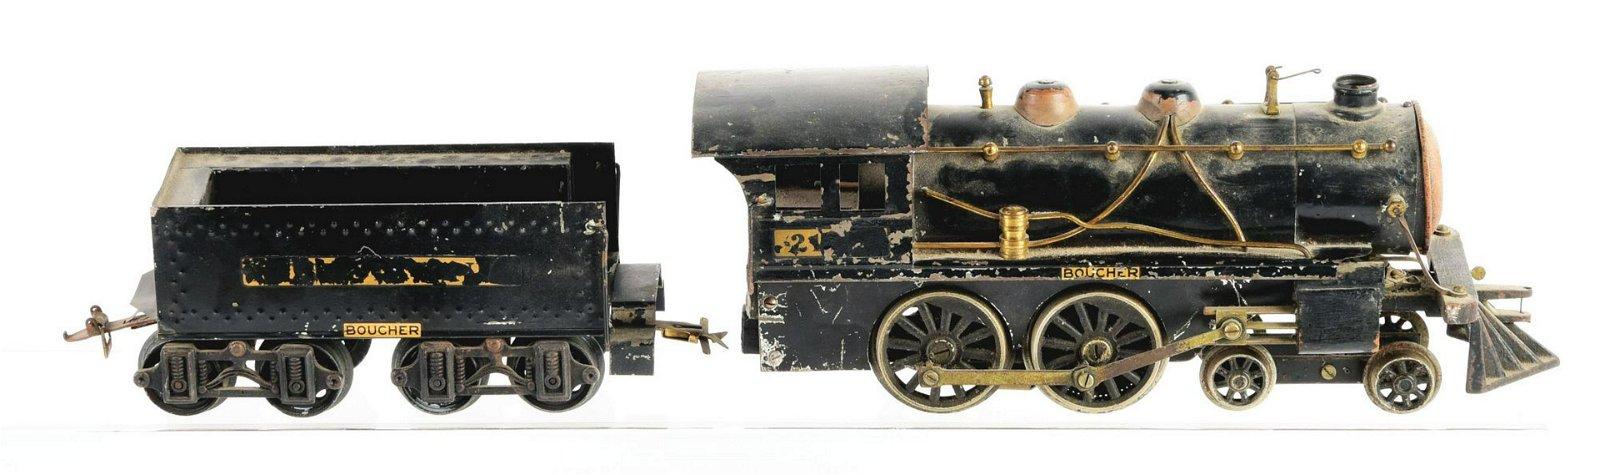 Boucher Train Locomotive & Tender.